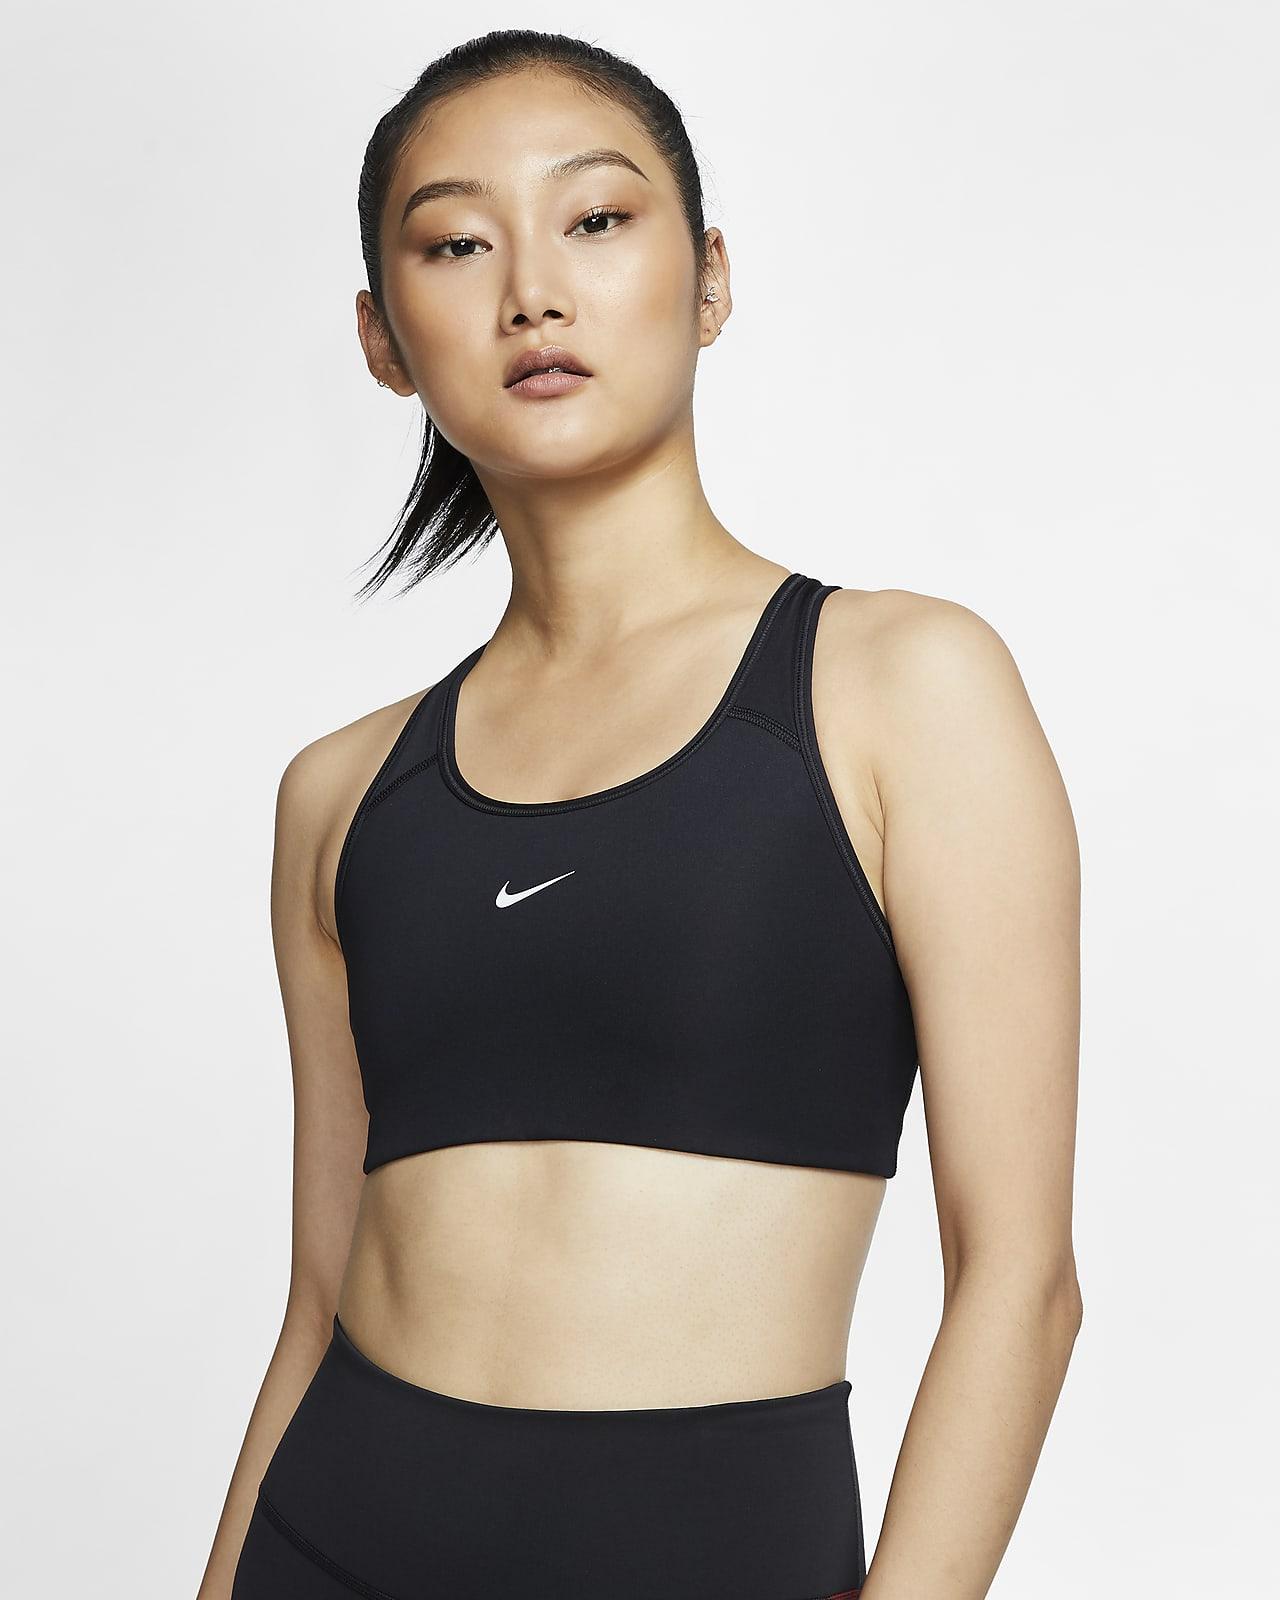 Nike Dri-FIT Swoosh Sujetador deportivo de sujeción media con almohadilla de una sola pieza - Mujer